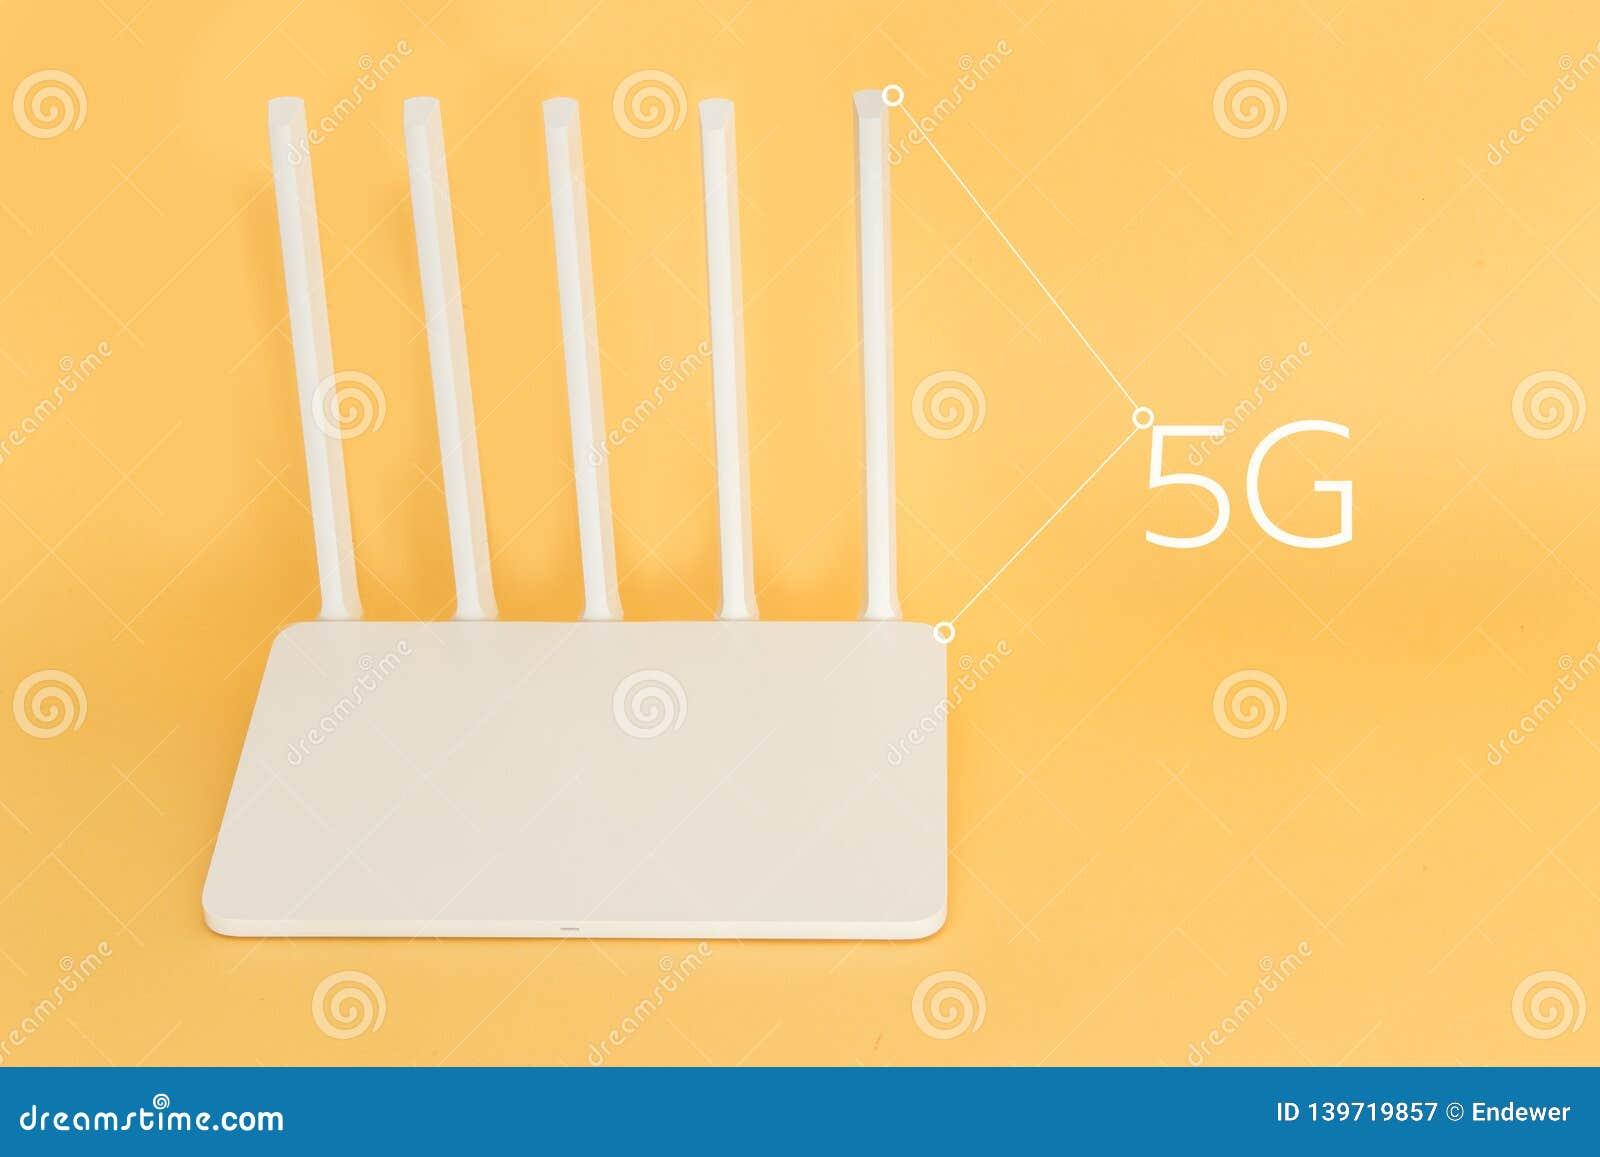 Άσπρος δρομολογητής wifi 5g σε ένα κίτρινο υπόβαθρο